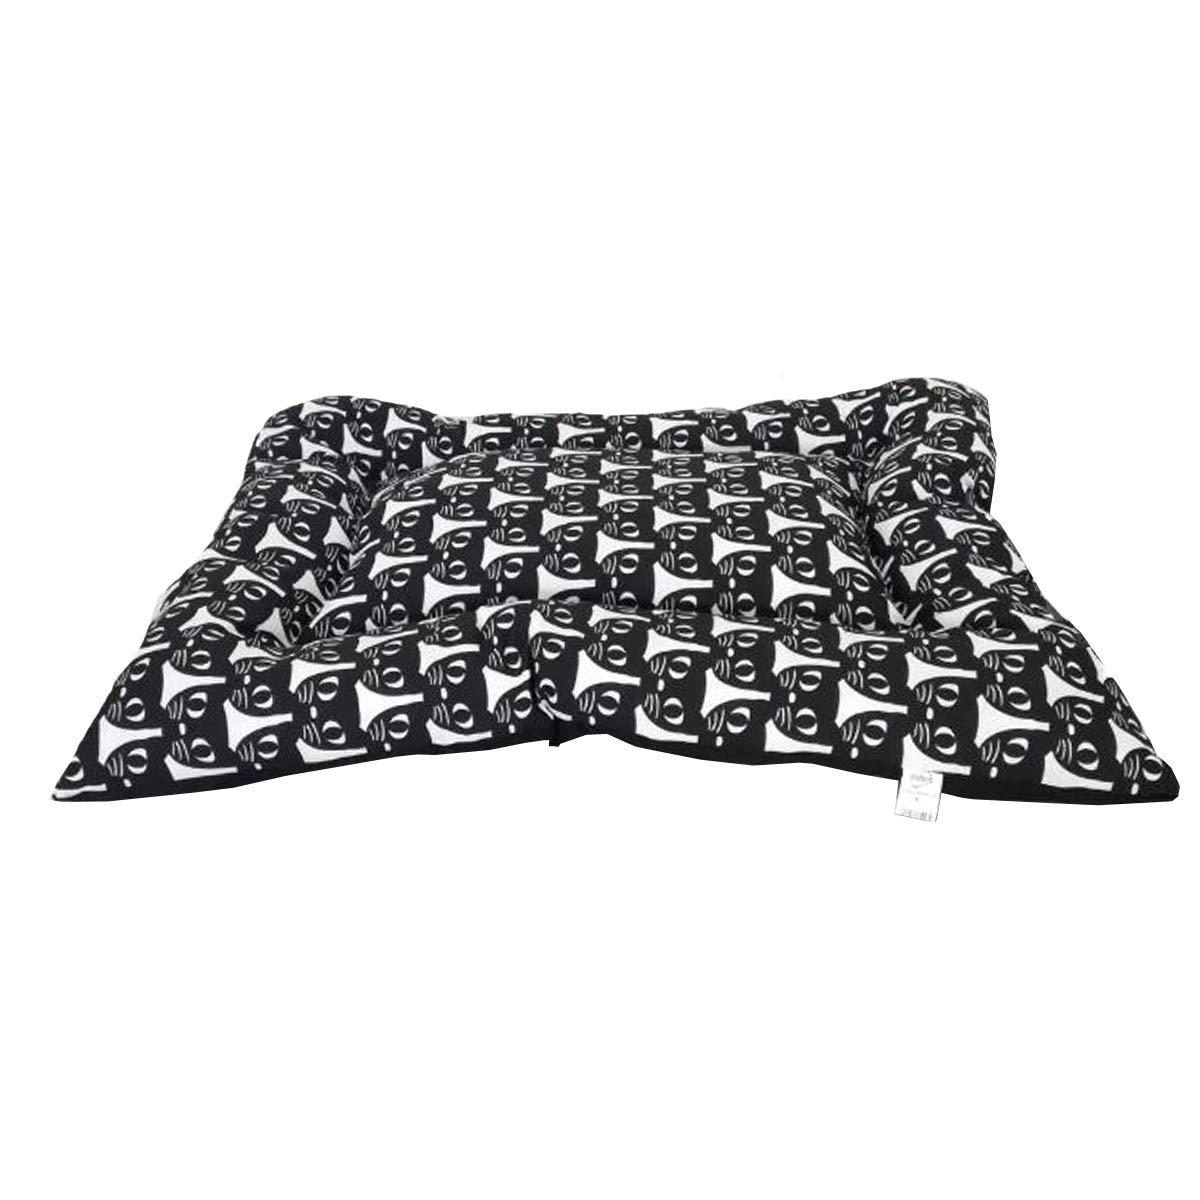 Cisne 2013, S.L. ¡Oferta ÚLTIMAS Unidades! Cama para Mascota Gatitos Negros 115 * 90cm.: Amazon.es: Hogar